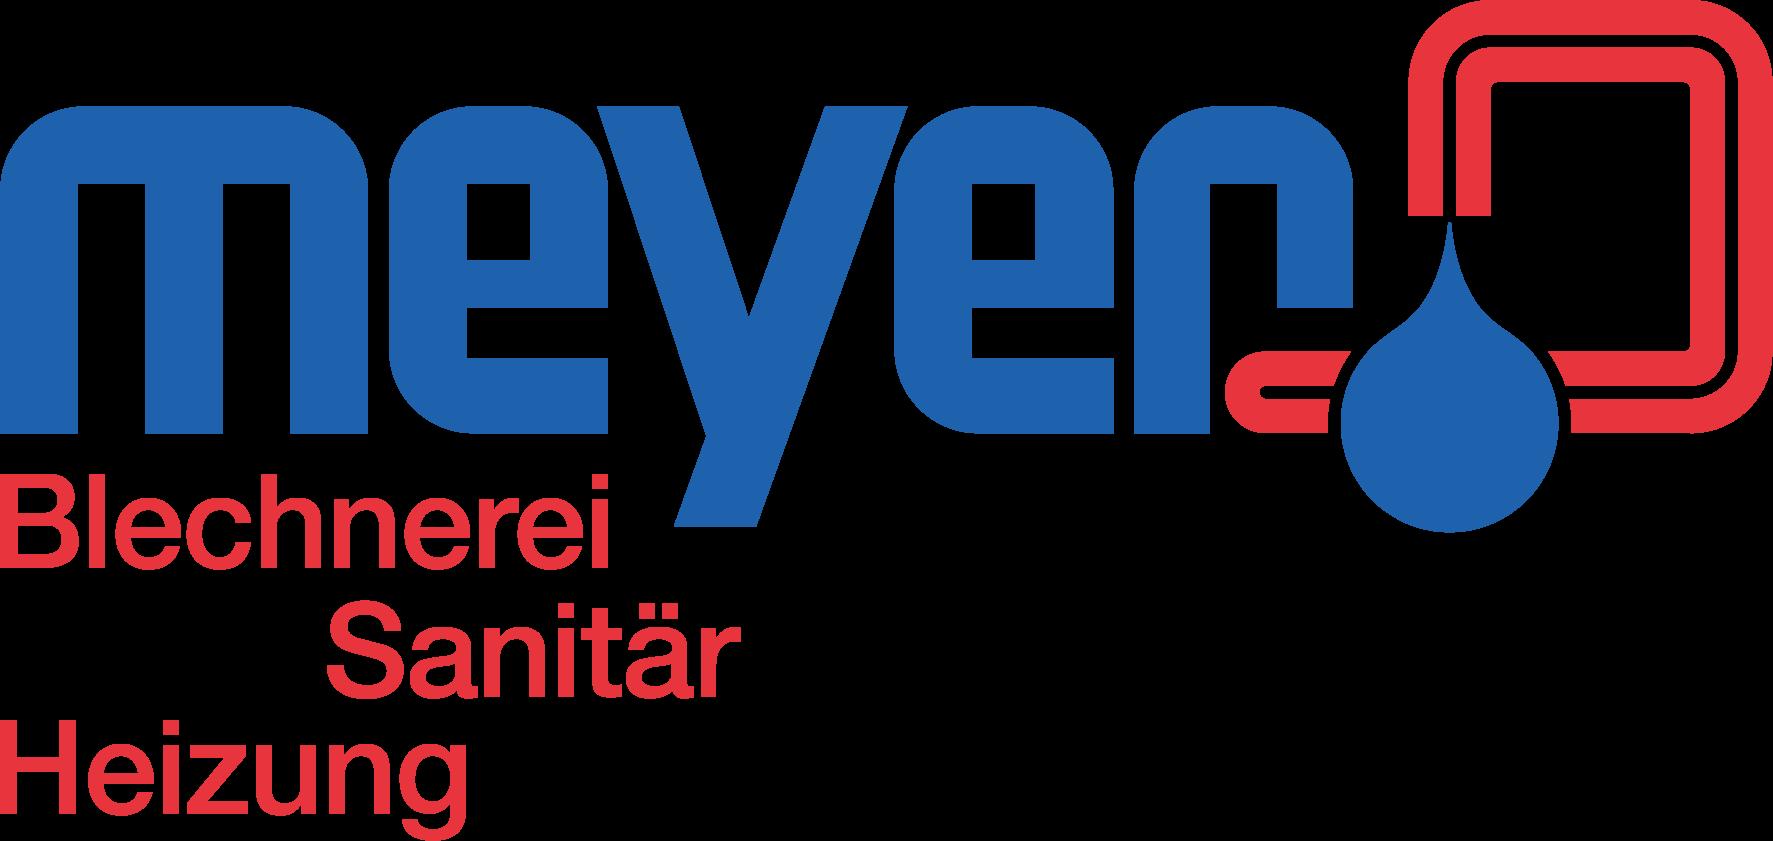 Meyer, Blechnerei, Sanitär, Heizung Logo